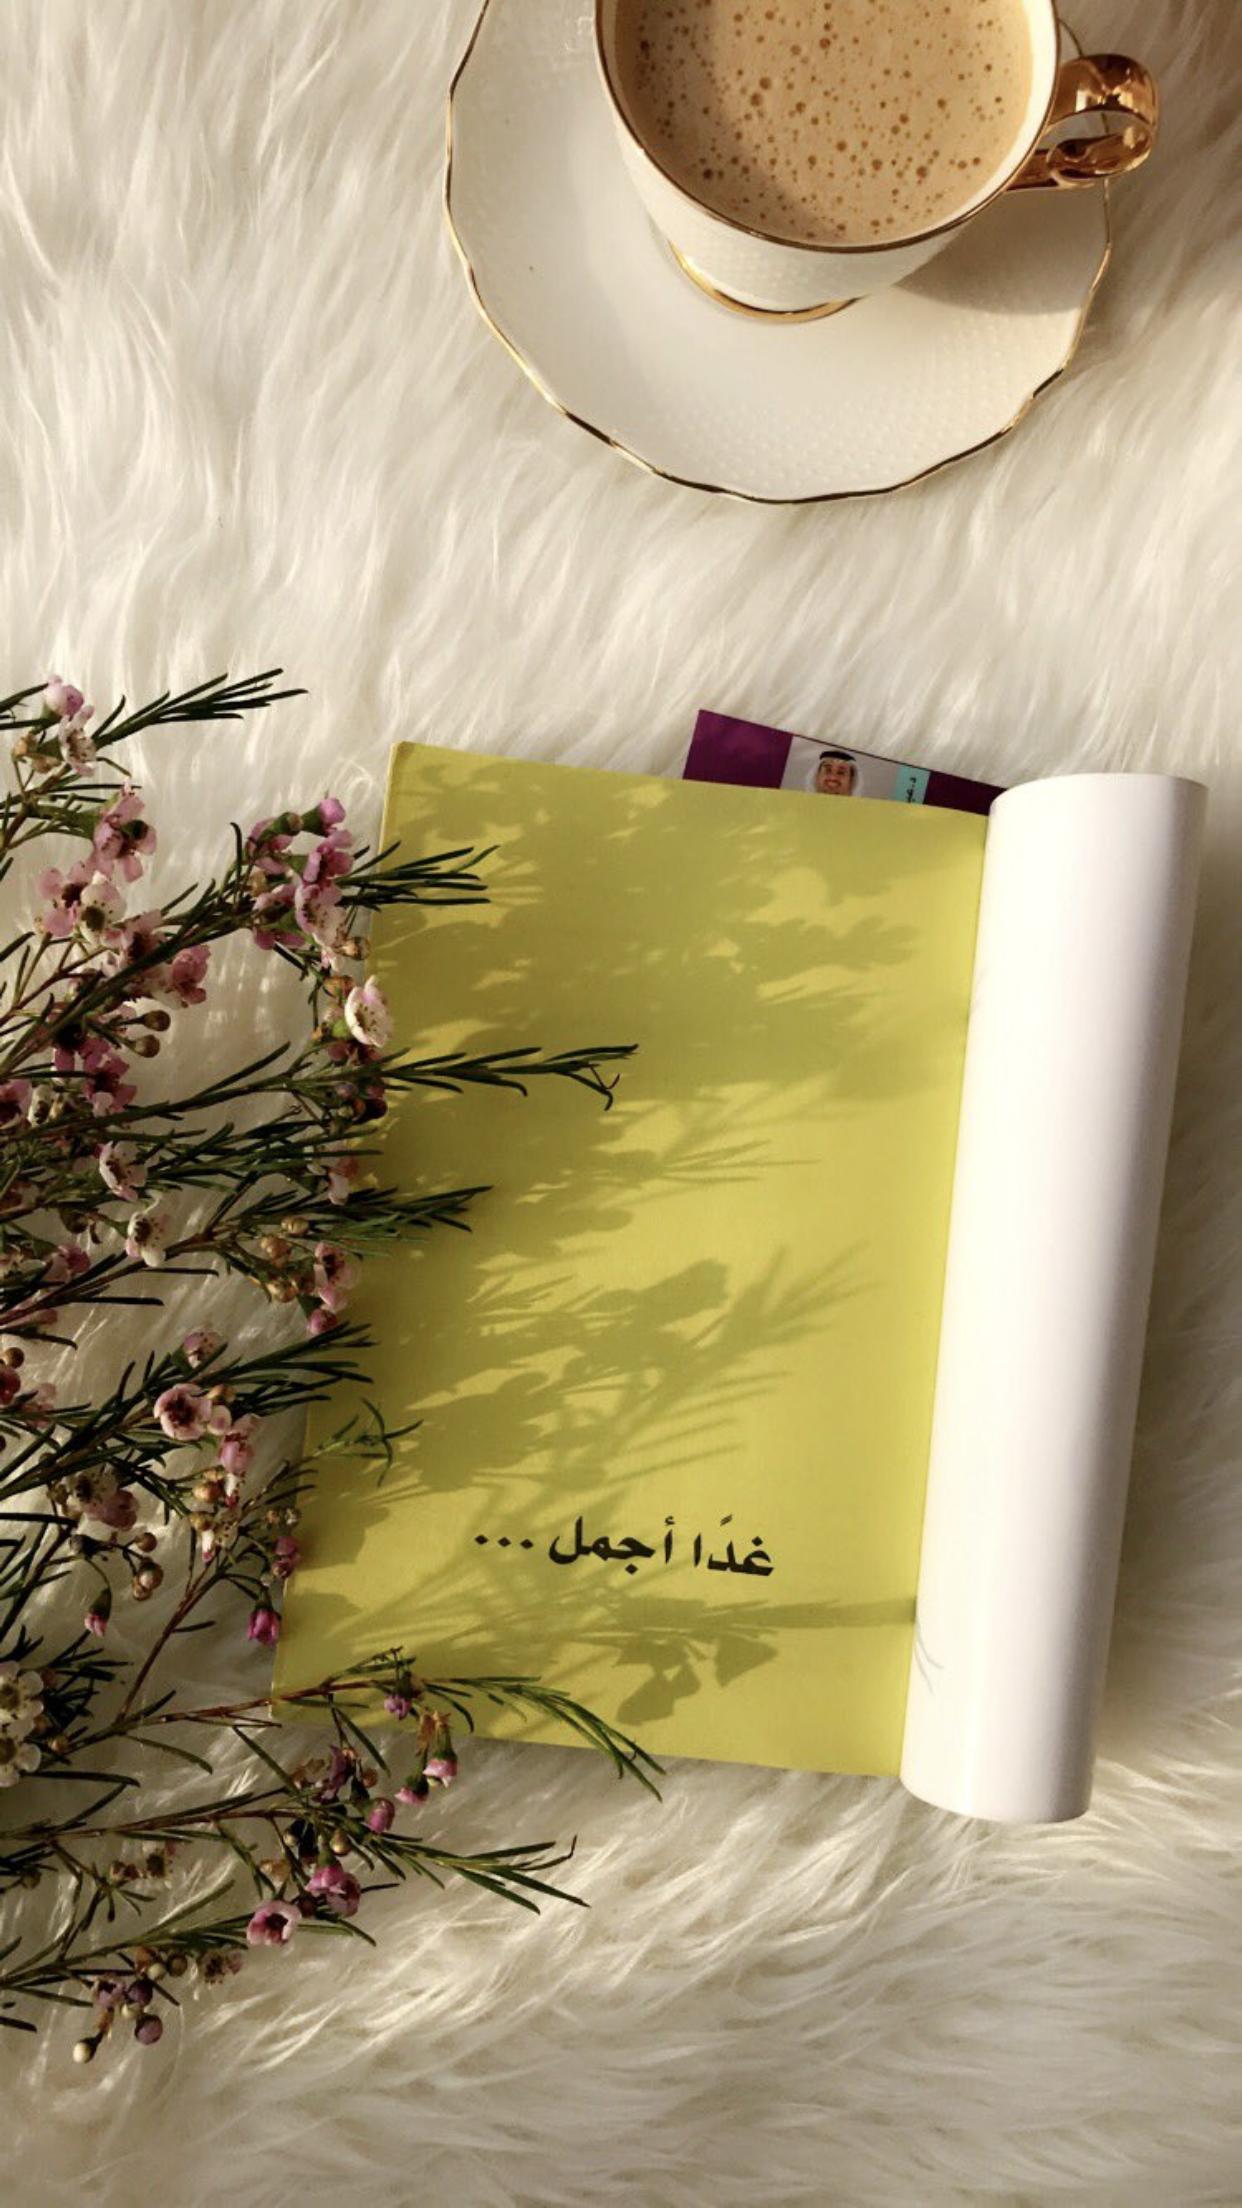 هو بأمر الله ازلا وقدما والكلمات من روح الله ونؤمن بها ونكتبها من قبل أن تفرط اقلام مثل اقل Arabic Quotes Islamic Quotes Wallpaper Beautiful Arabic Words